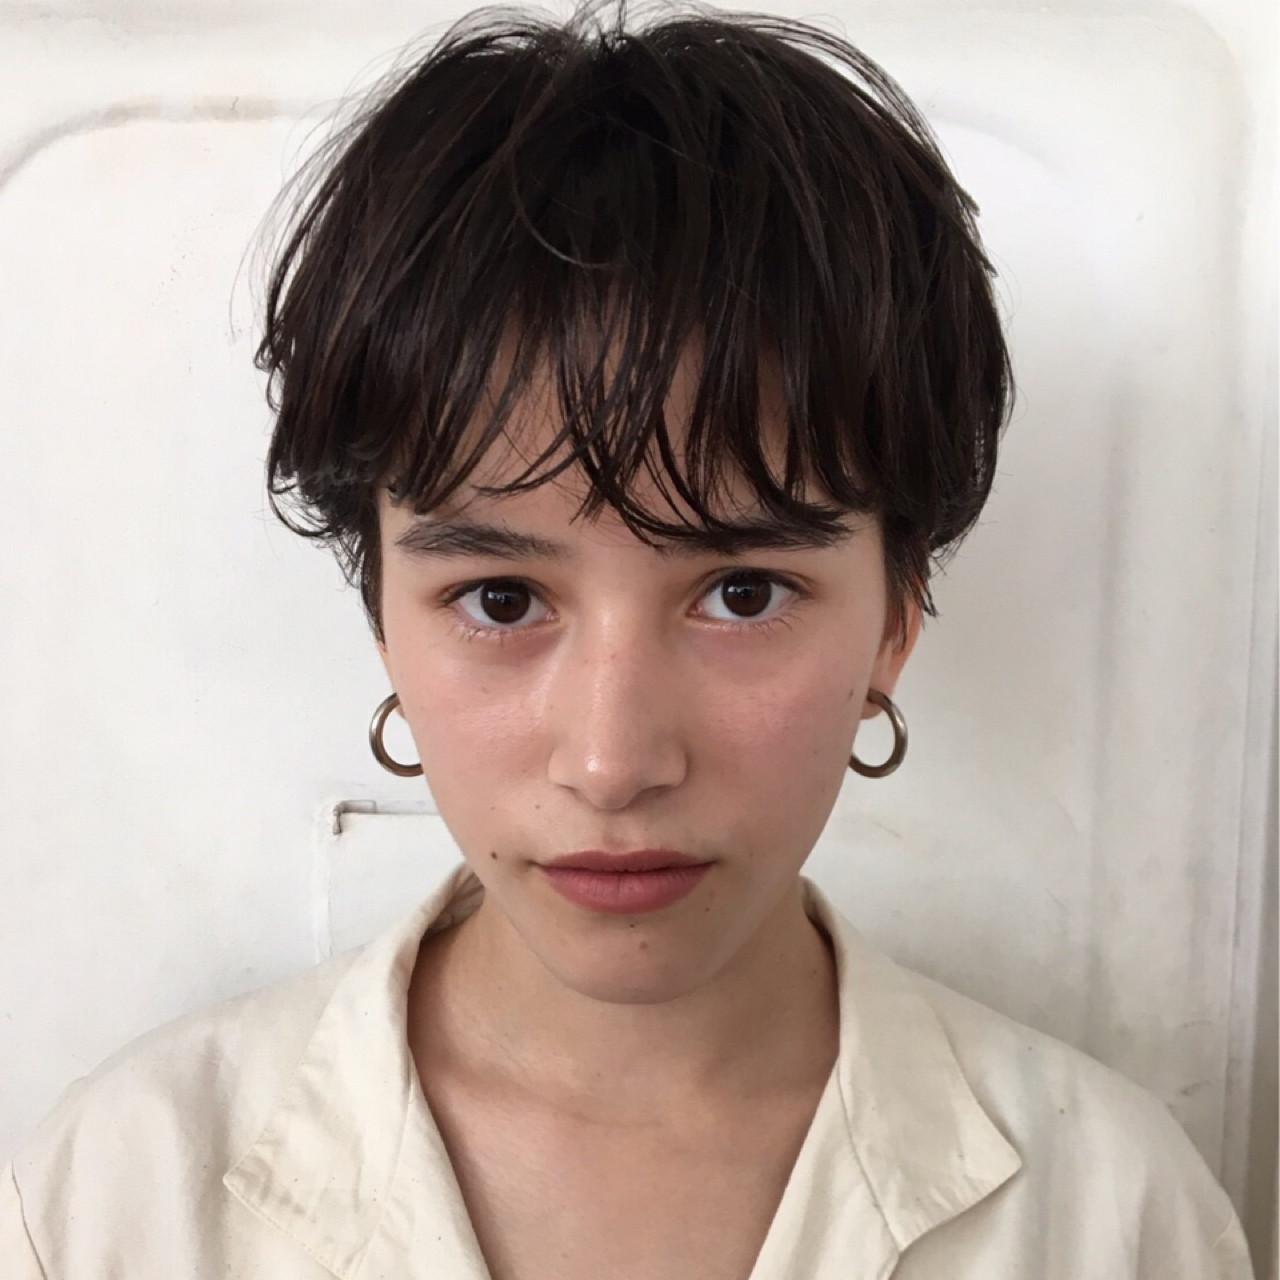 くせ毛の人はベリーショートにするとセットが簡単 高橋 忍 | nanuk渋谷店(ナヌーク)